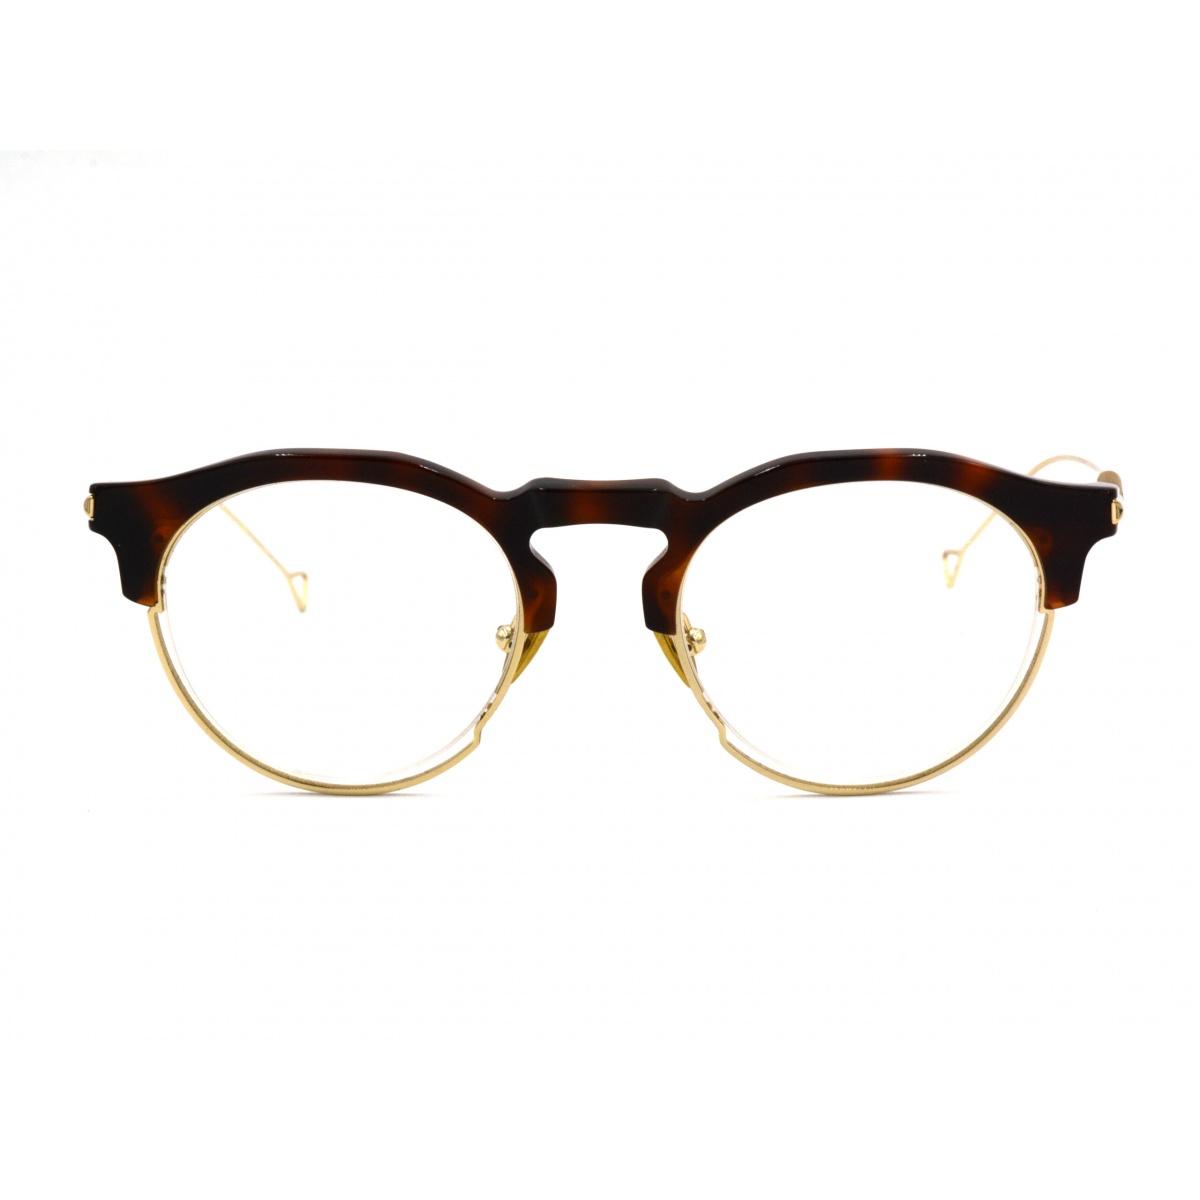 Γυαλιά οράσεως HAZE COLLECTION APSE 6TT 48-22-145